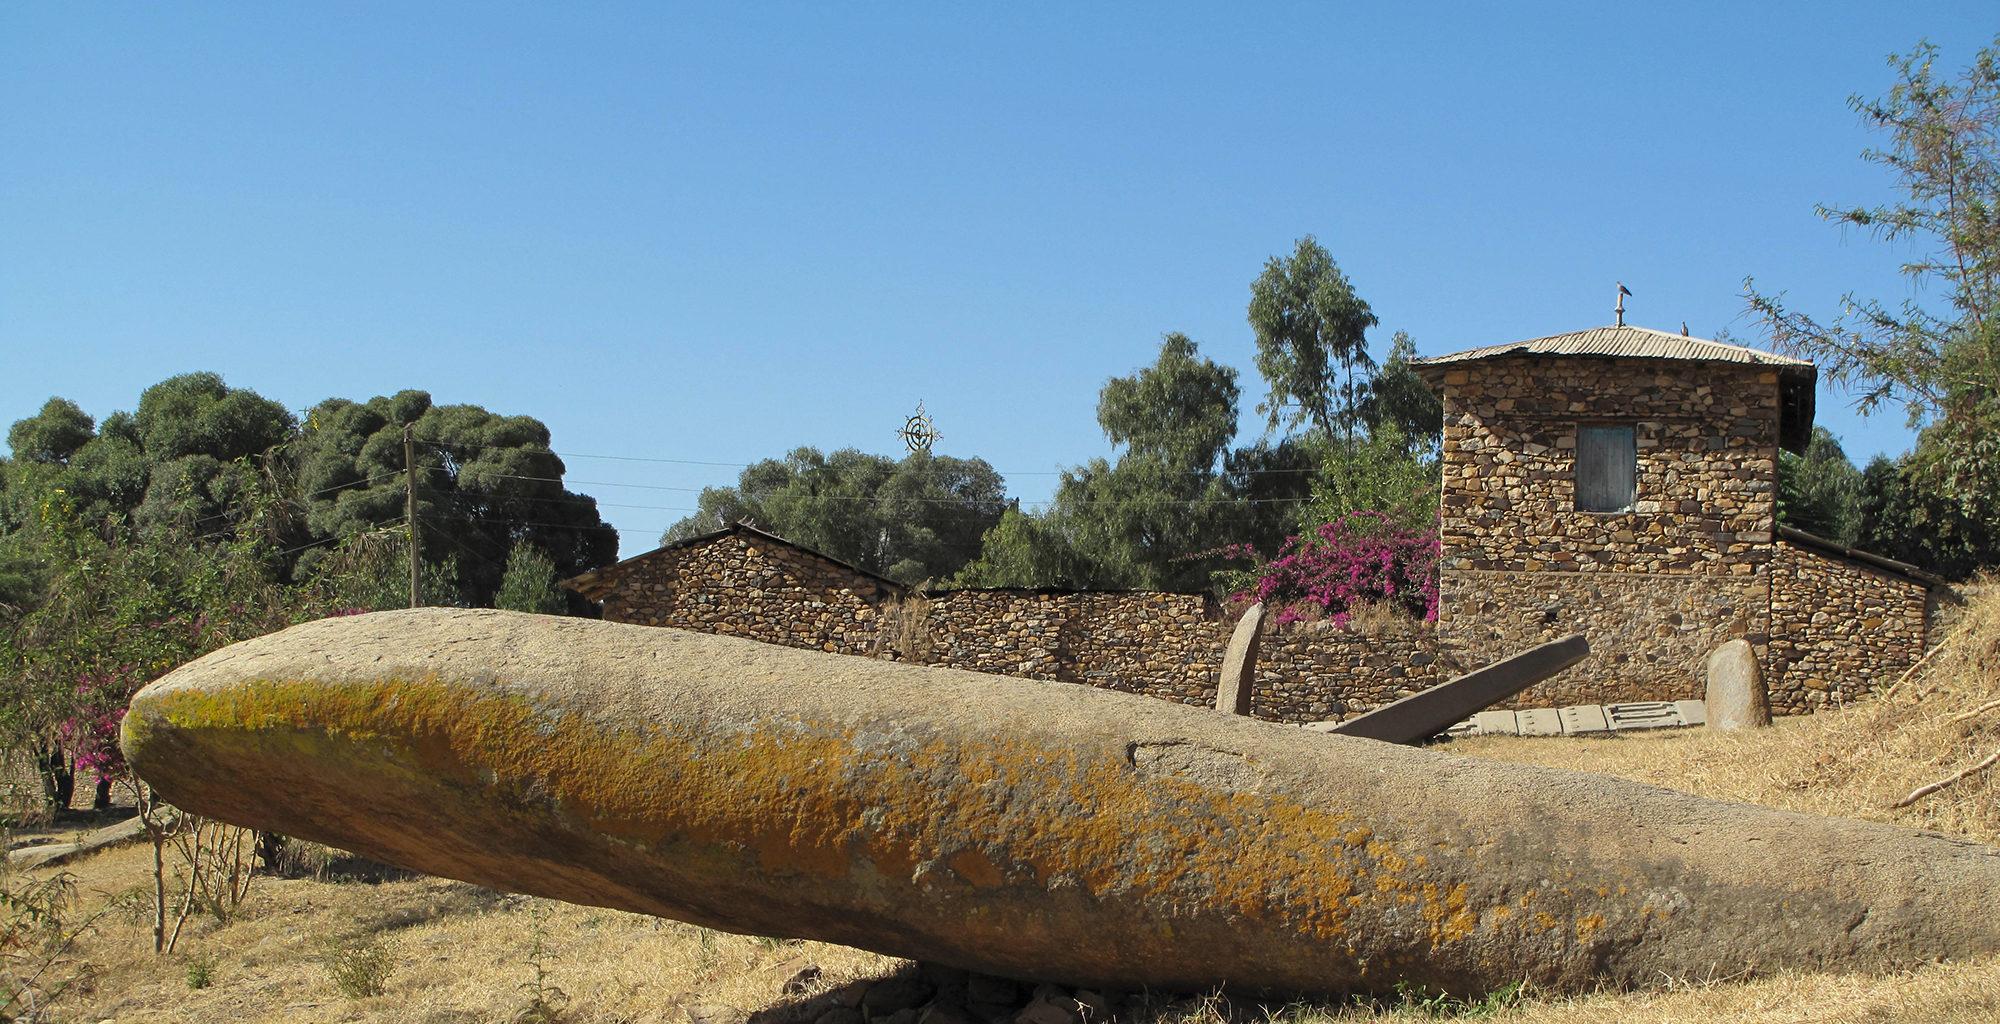 Ethiopia-Axum-Architecture